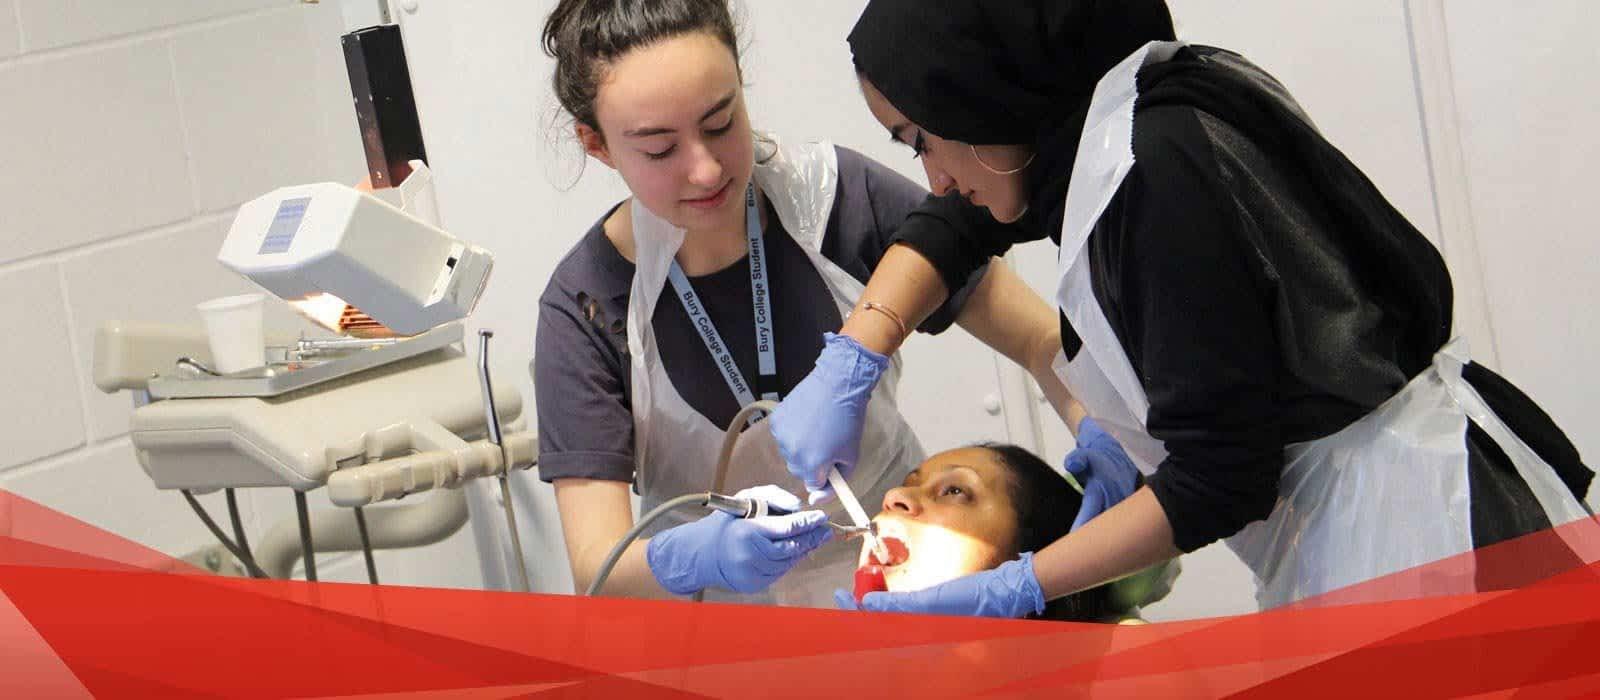 How Can I Become a Dental Nurse?